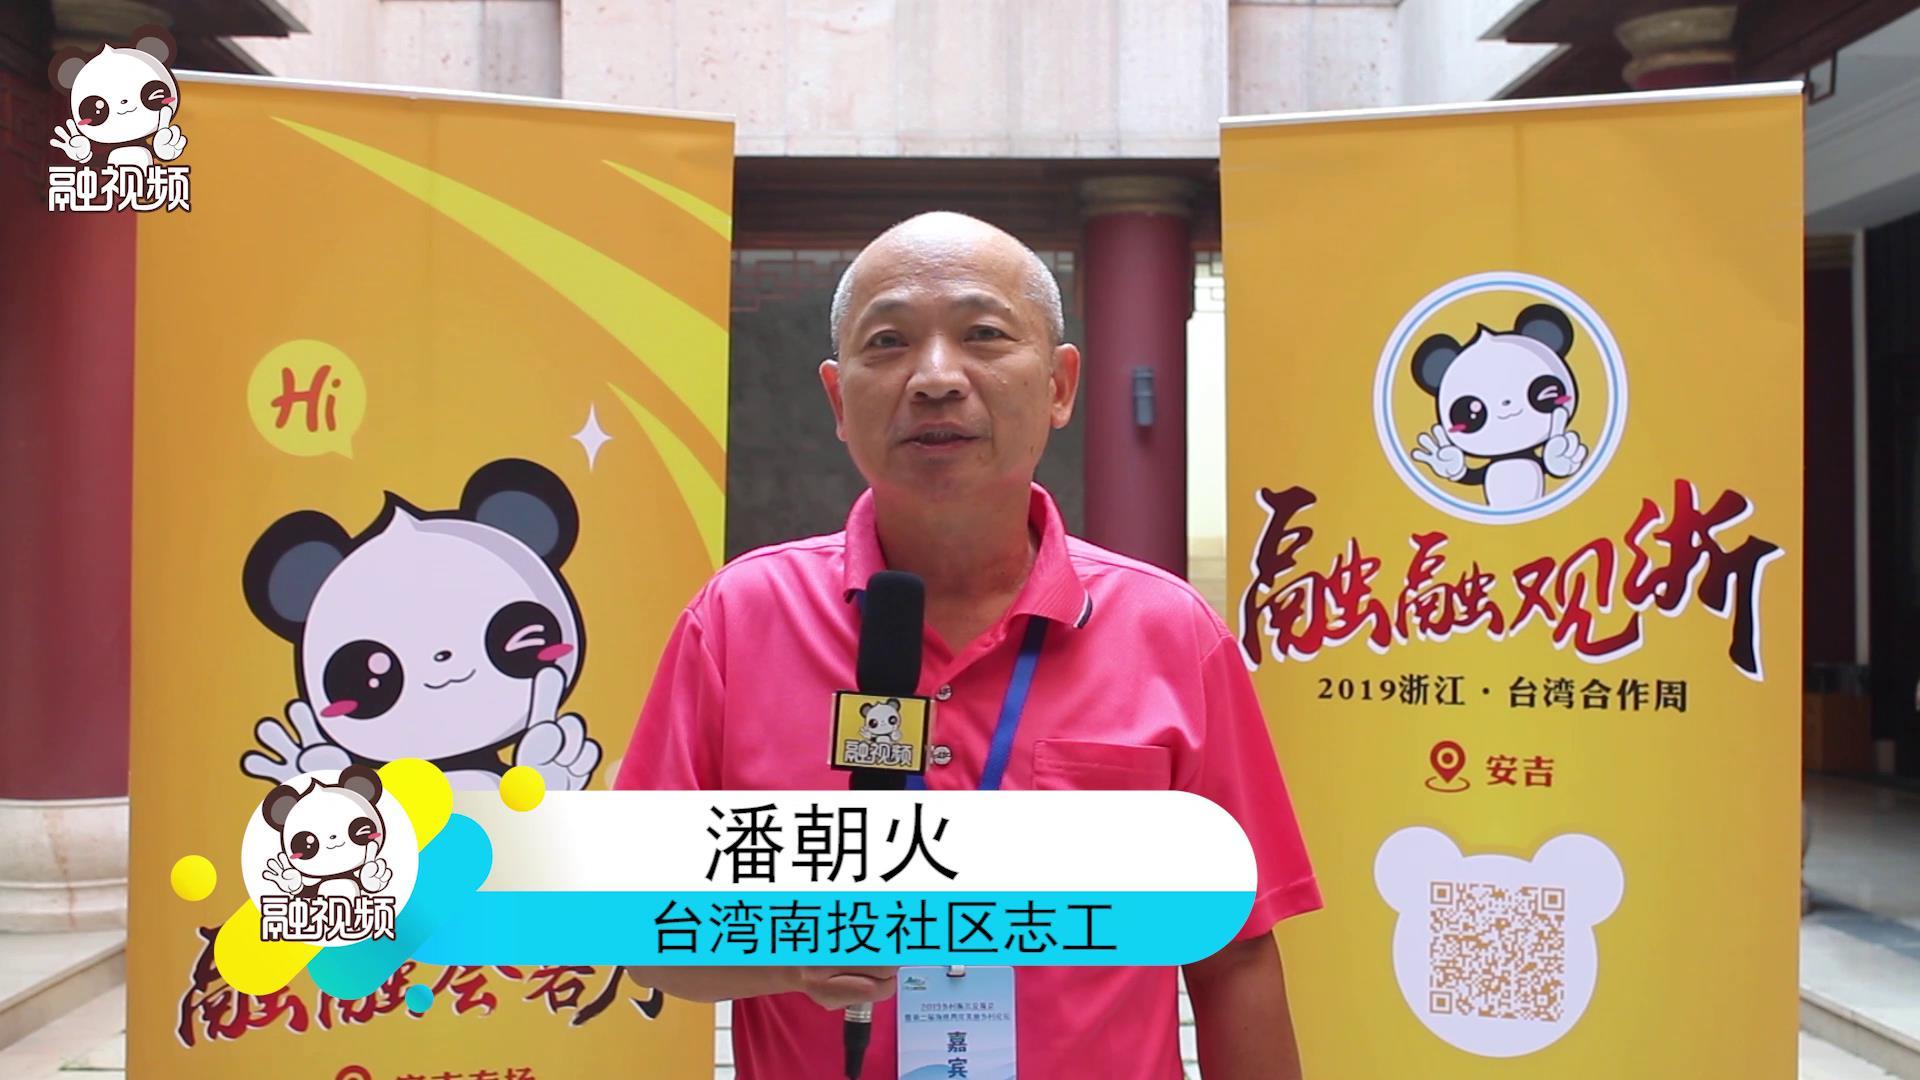 专访台湾南投社区志工潘朝火图片